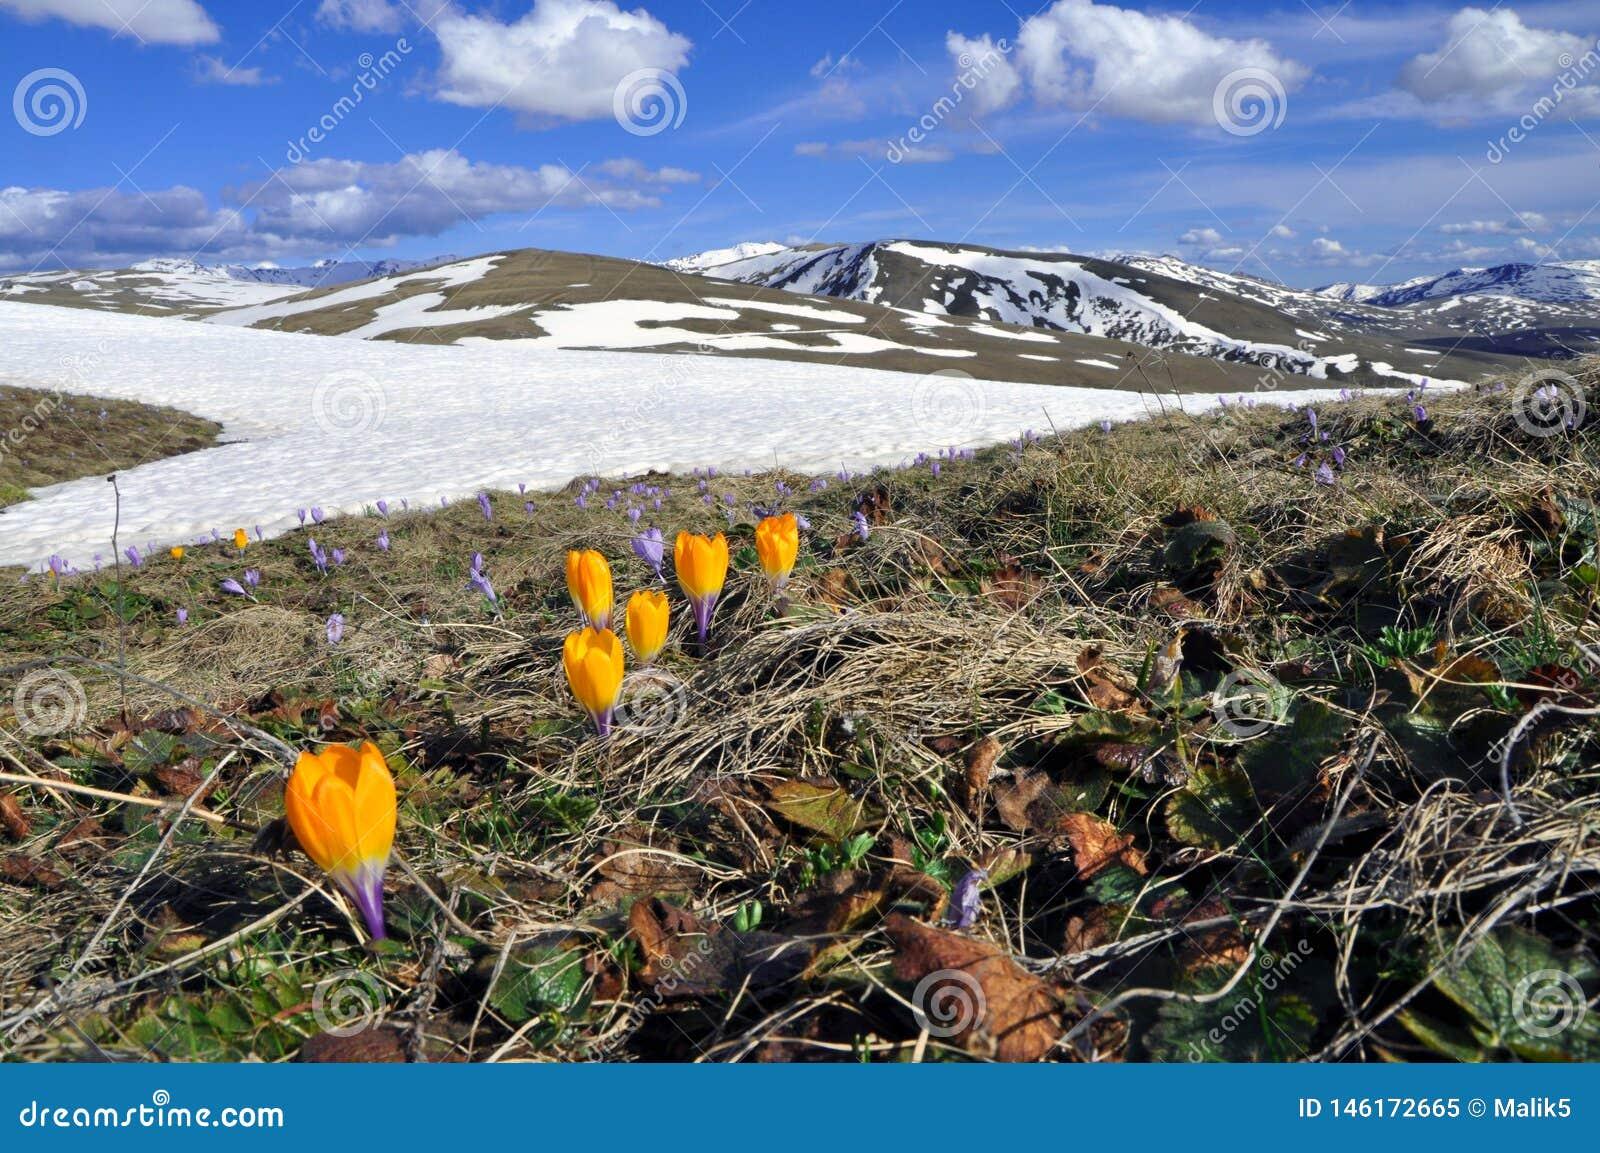 Campo da mola de flores roxas do açafrão e de um cume da montanha coberto na neve como um fundo